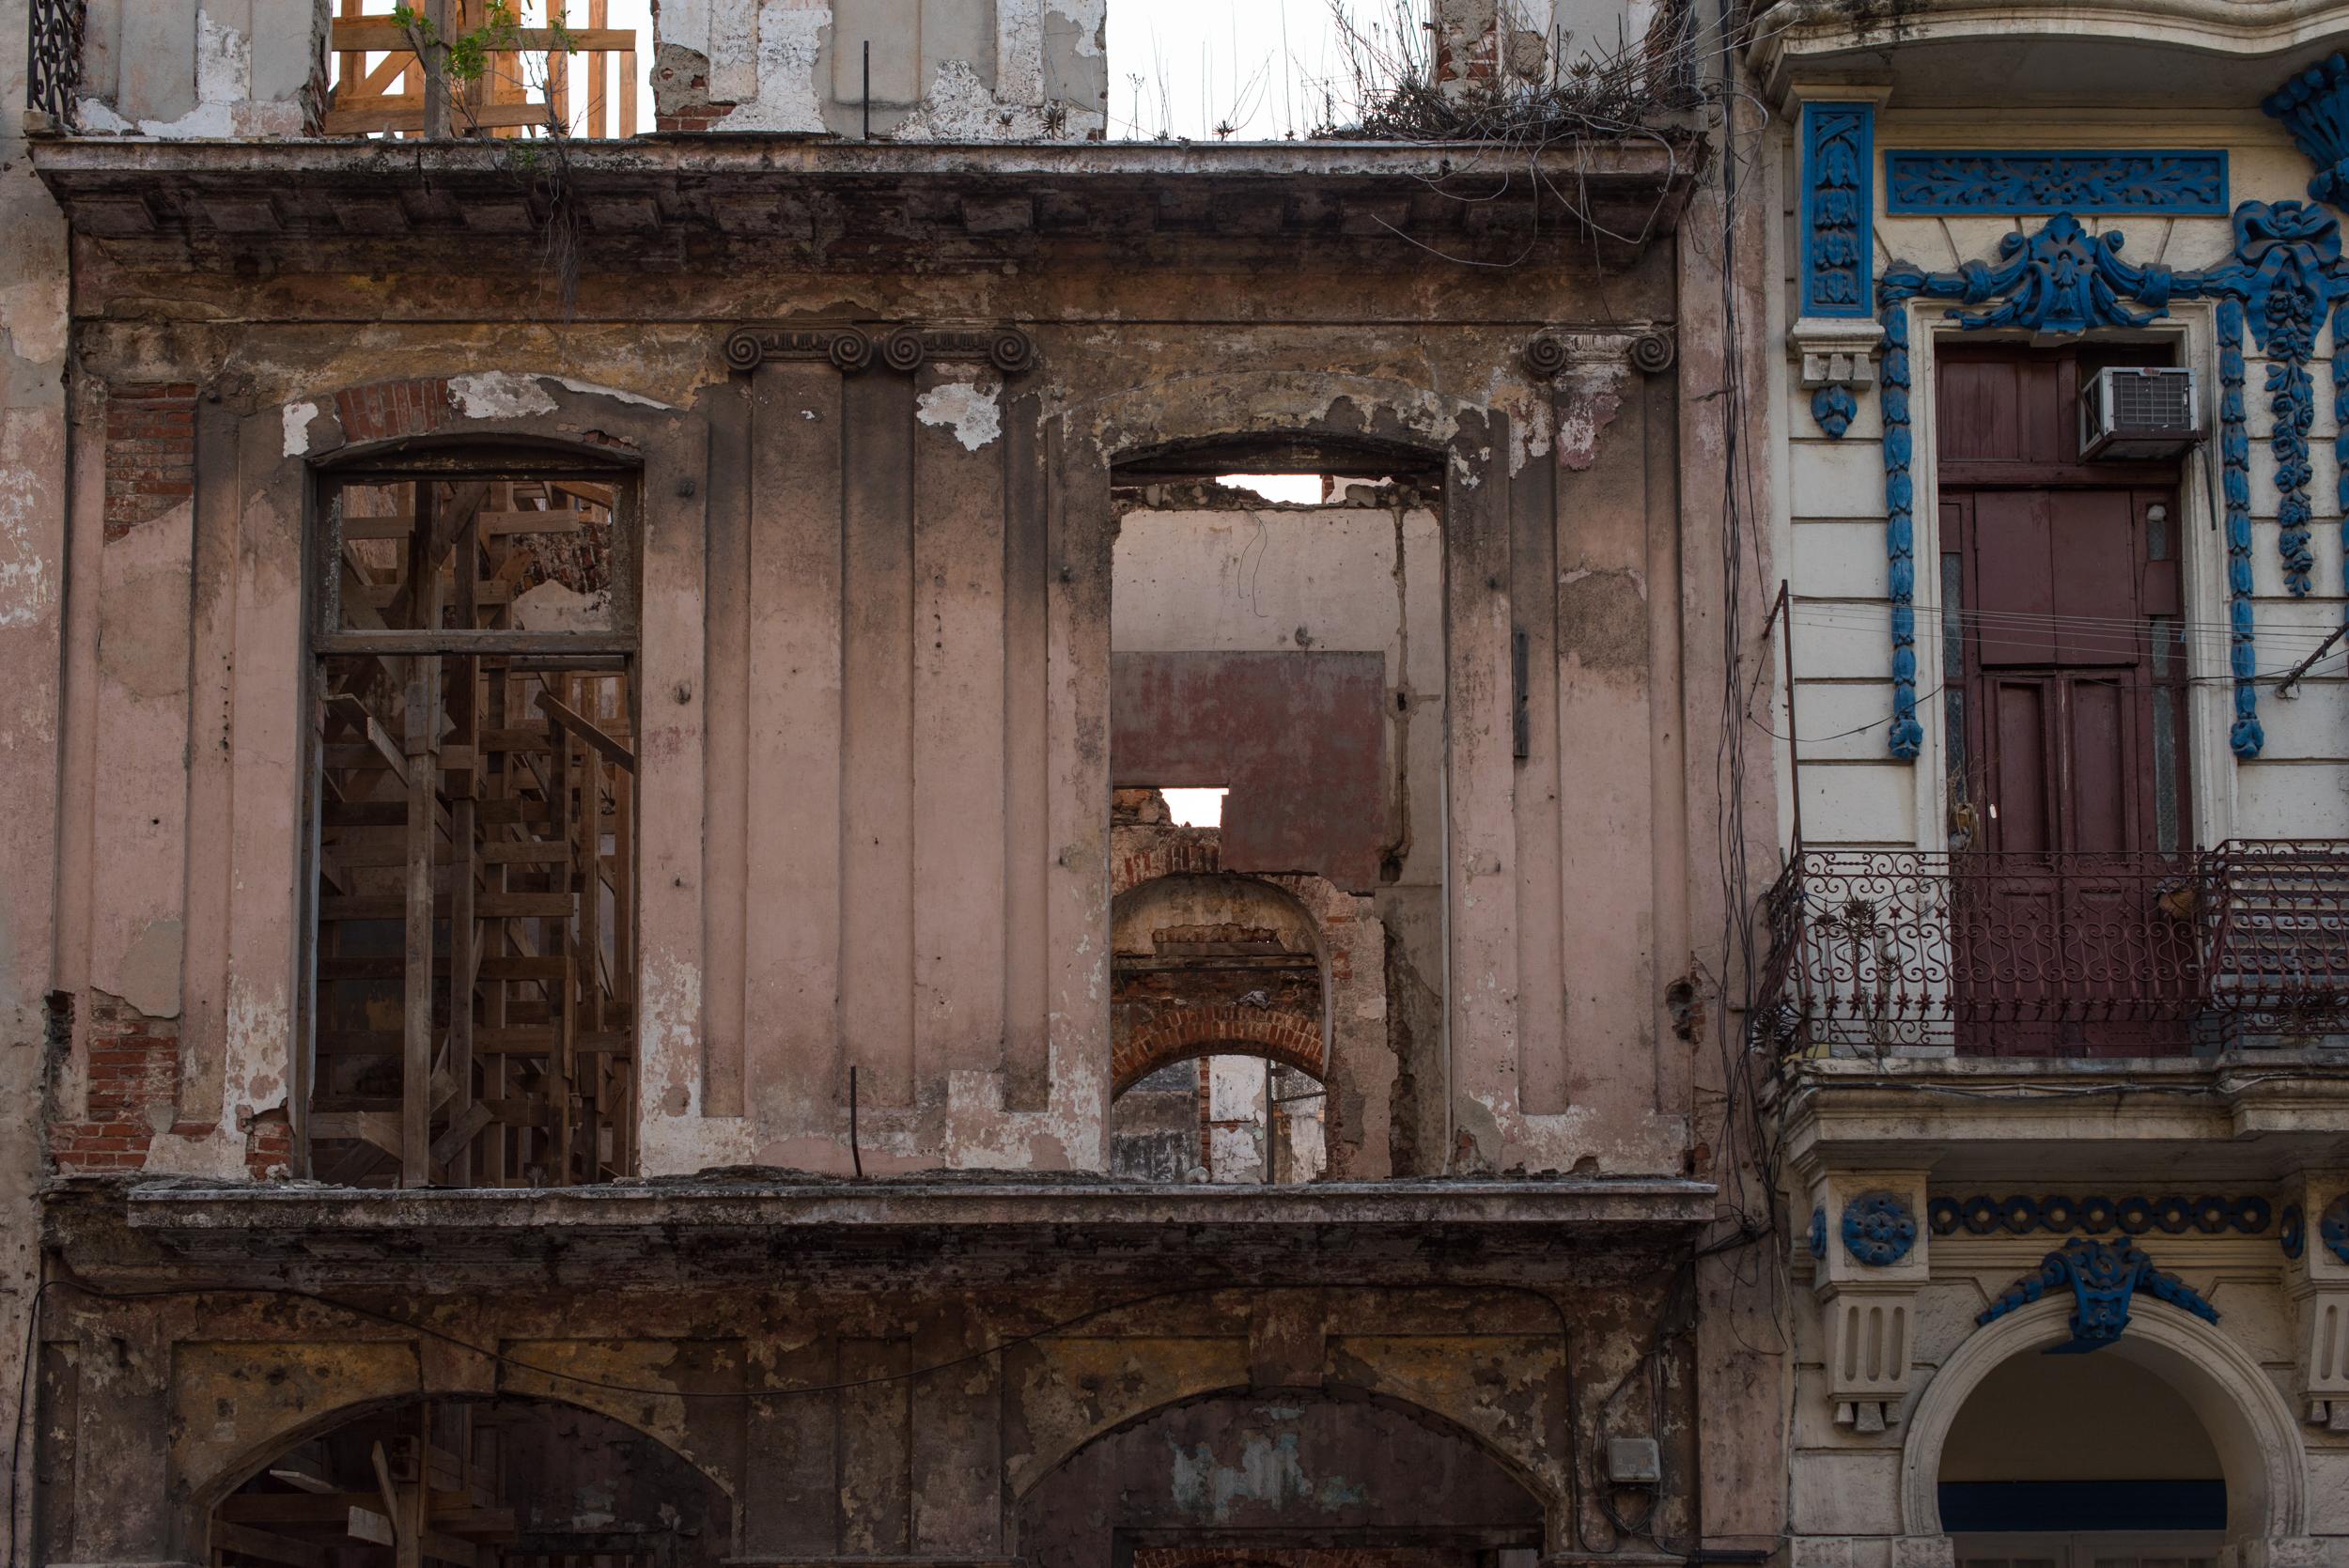 Cuba_014.jpg